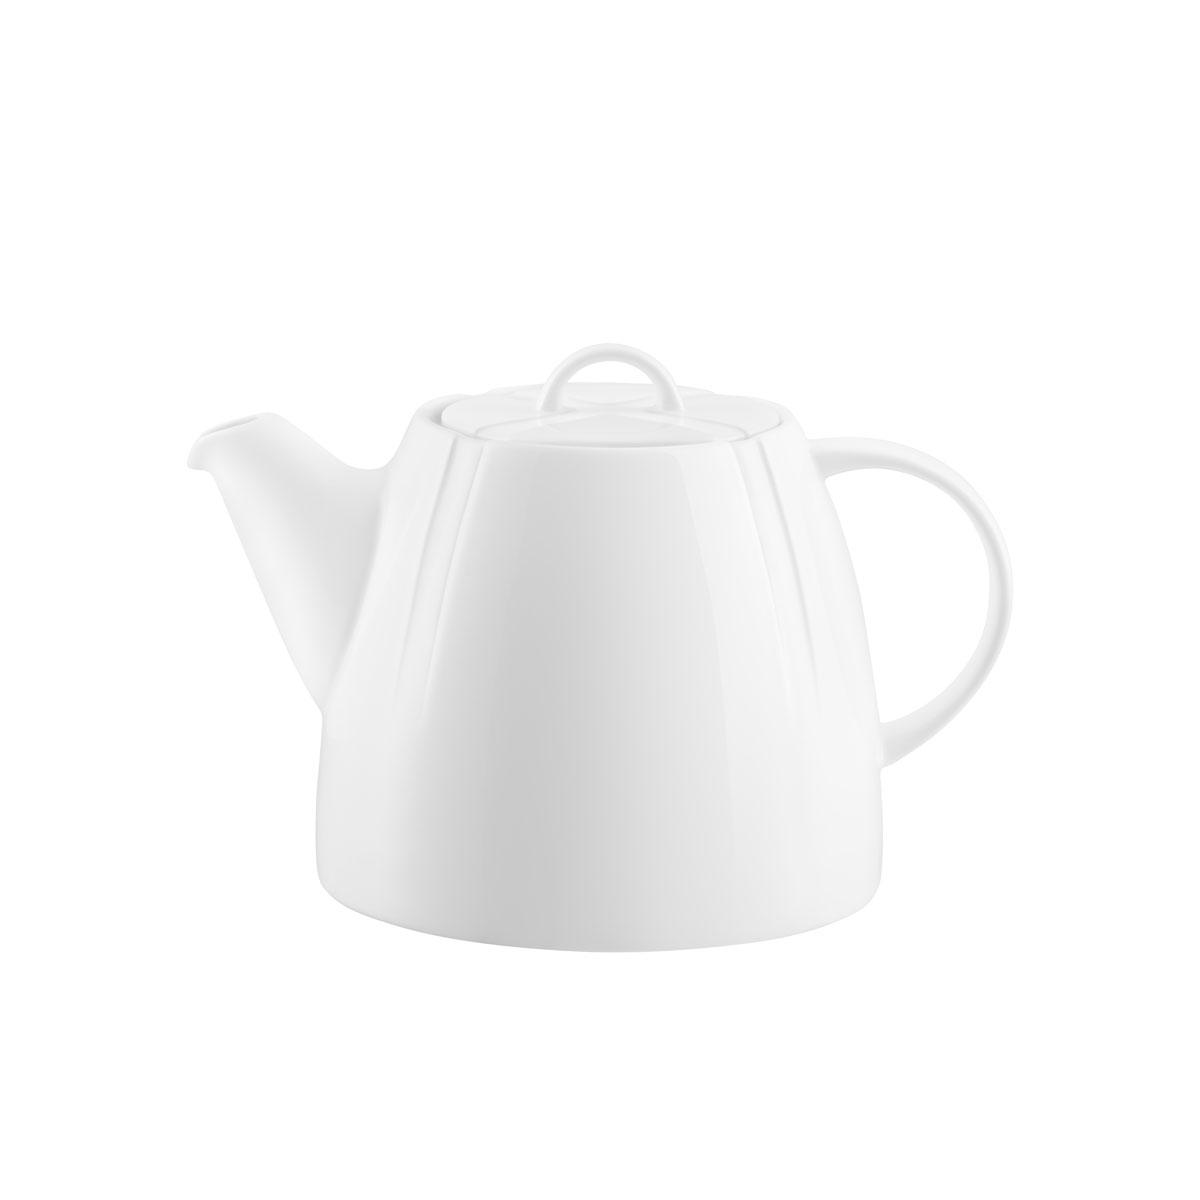 Kosta Boda Bruk Teapot